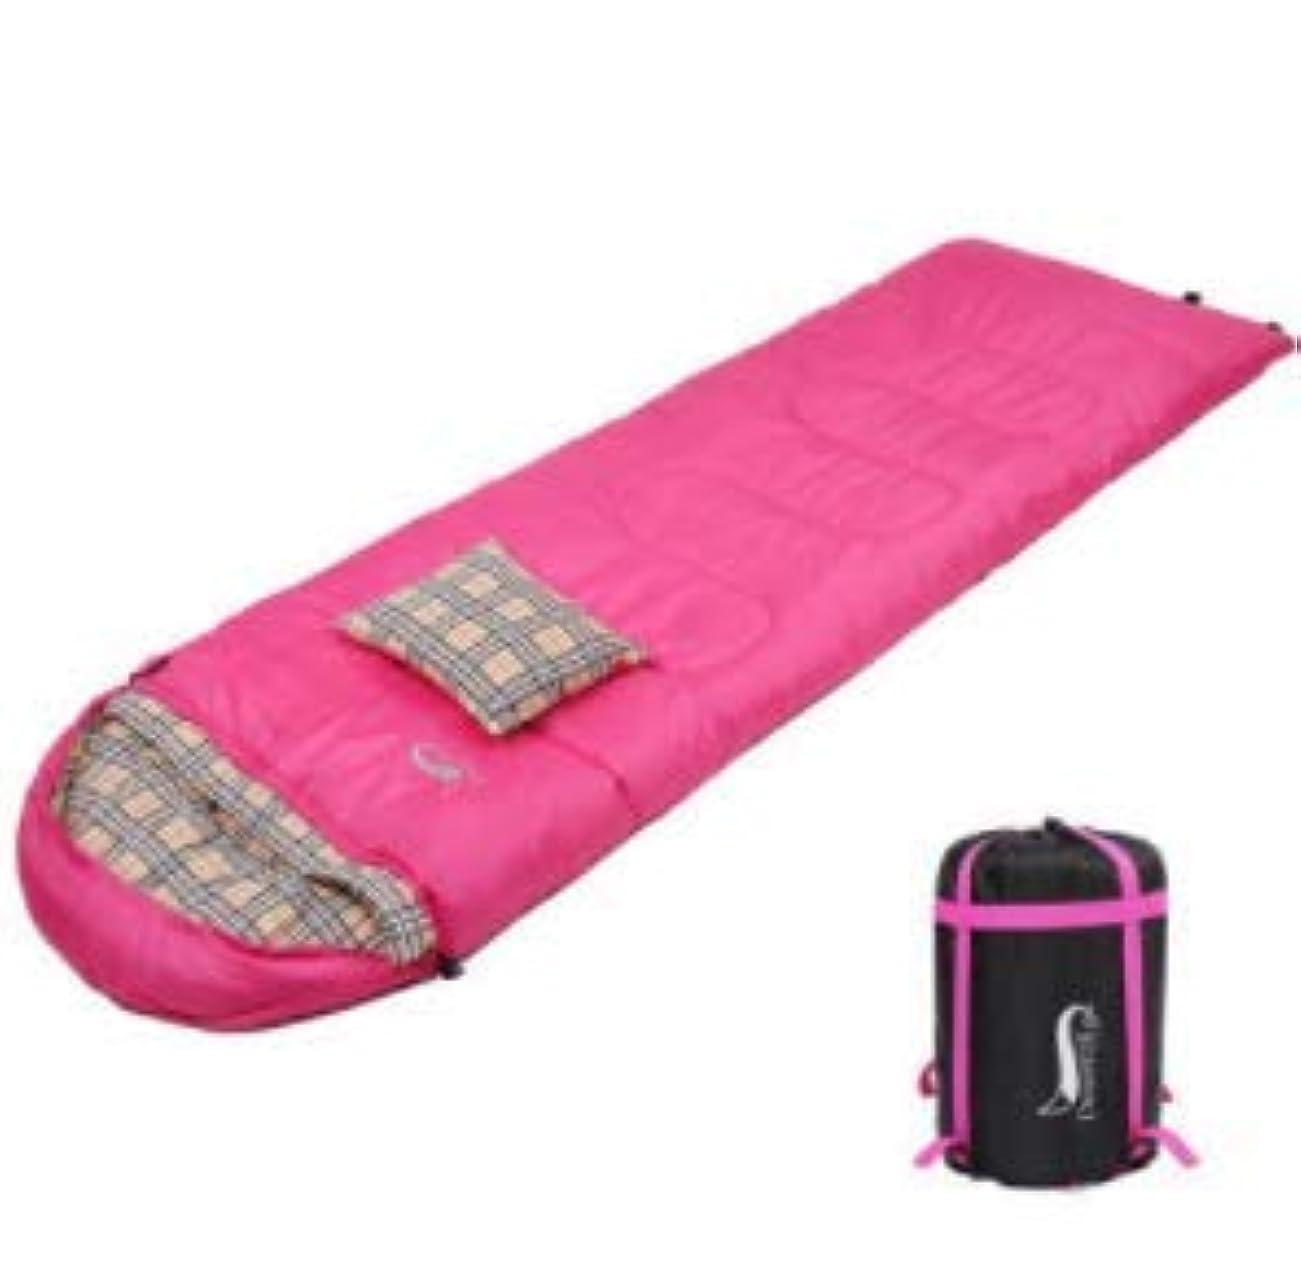 子供っぽい減らす鏡アウトドア寝袋キャンプダブルカップル寝袋大人のキャンプ昼休み寝袋秋と冬の肥厚1.5キロ